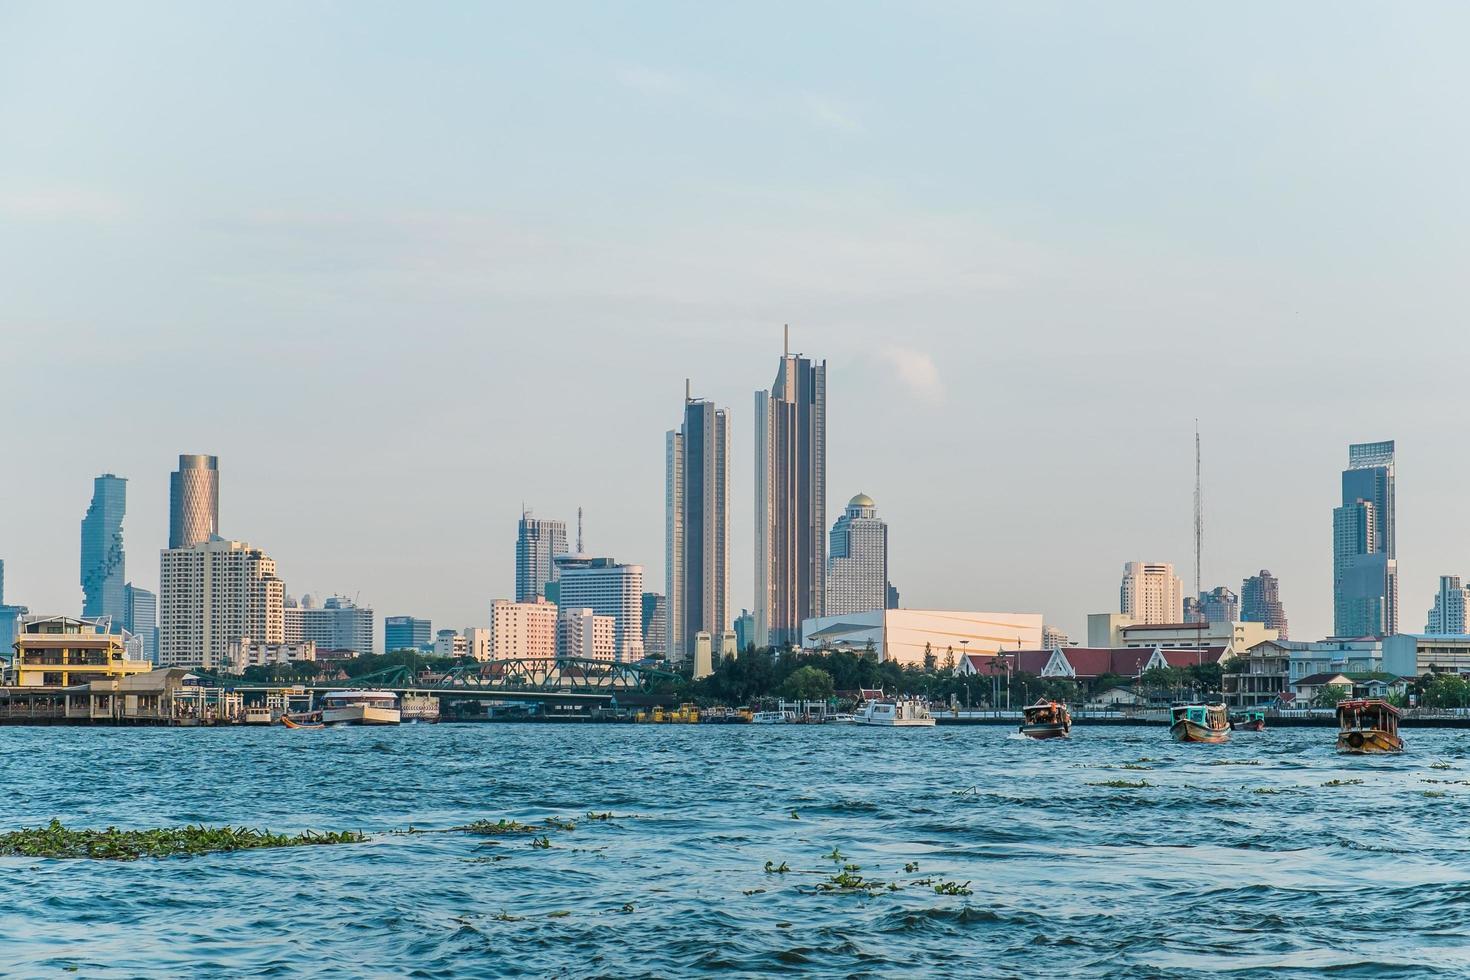 vista del paesaggio di edifici sulla riva del fiume Chao Phraya foto